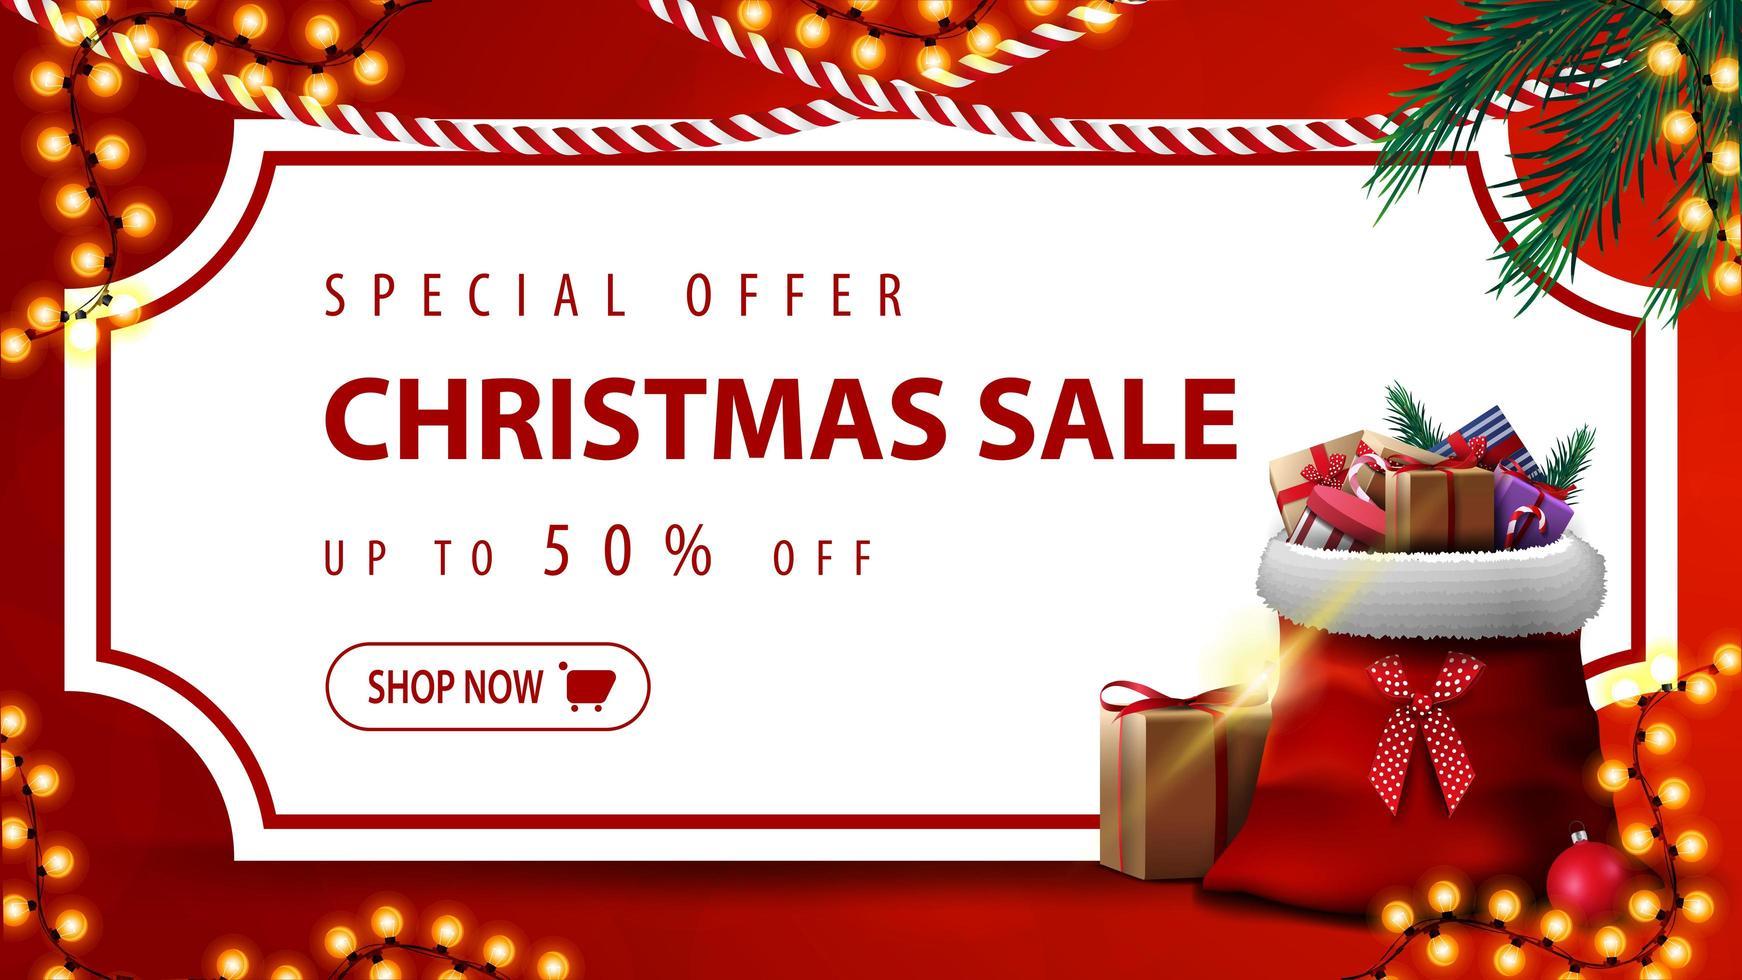 offre spéciale, vente de Noël, jusqu'à 50 rabais, bannière de réduction rouge avec feuille de papier blanc sous forme de billet vintage, branches d'arbre de Noël, guirlandes et sac de père Noël avec des cadeaux vecteur